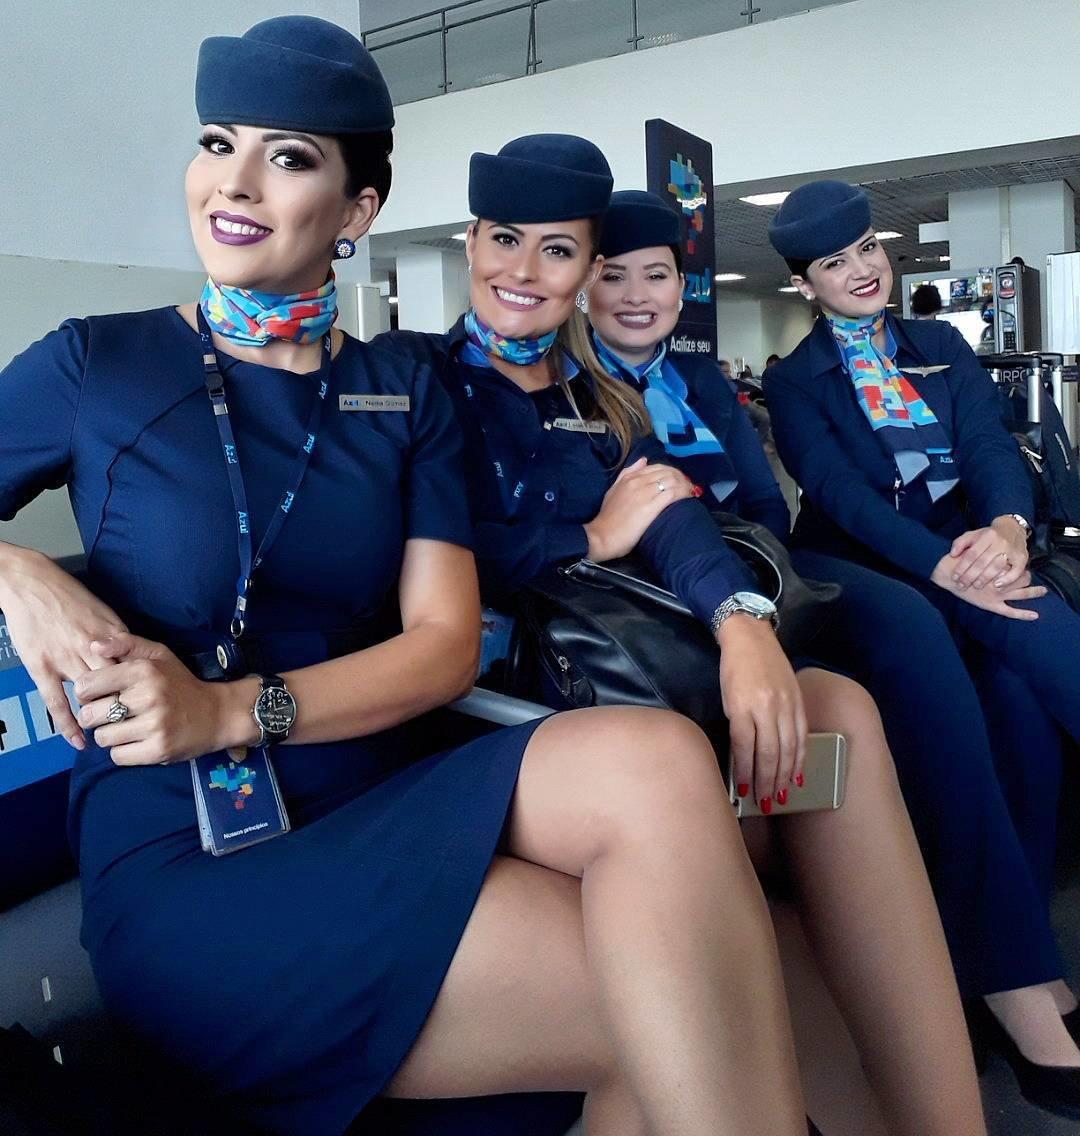 фото веселых стюардесс - 2